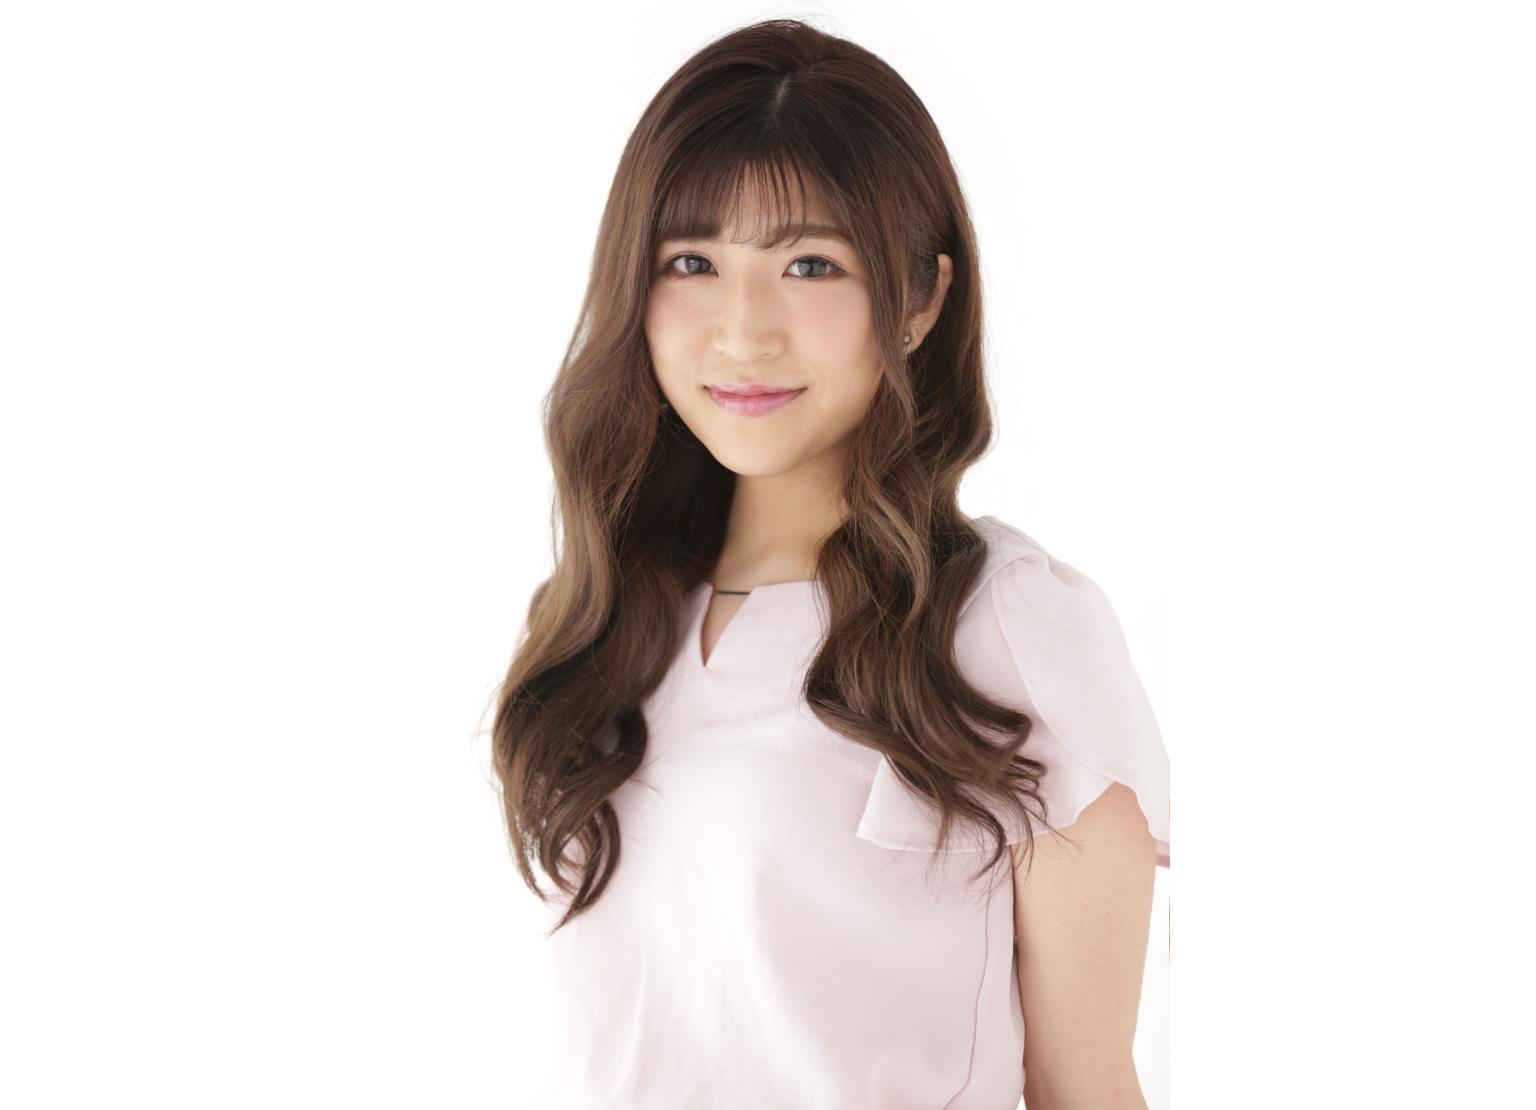 水島愛美が海外ドラマ「マクガイバー(シーズン4)」に 吹替えで出演!